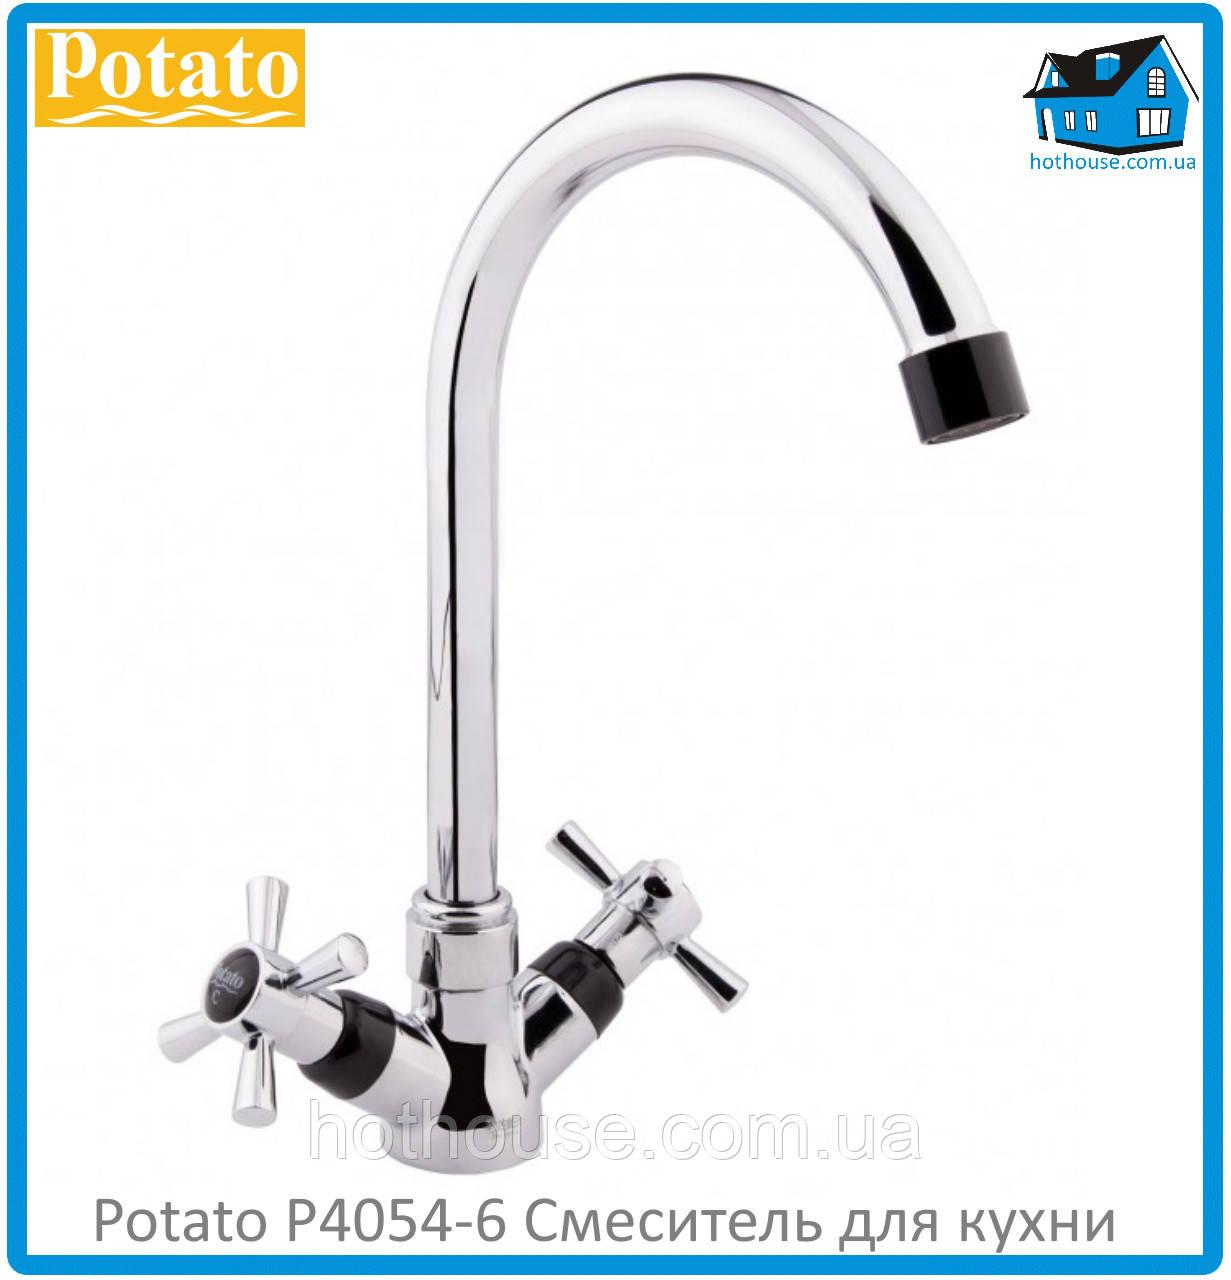 Смеситель для кухни Potato P4054-6